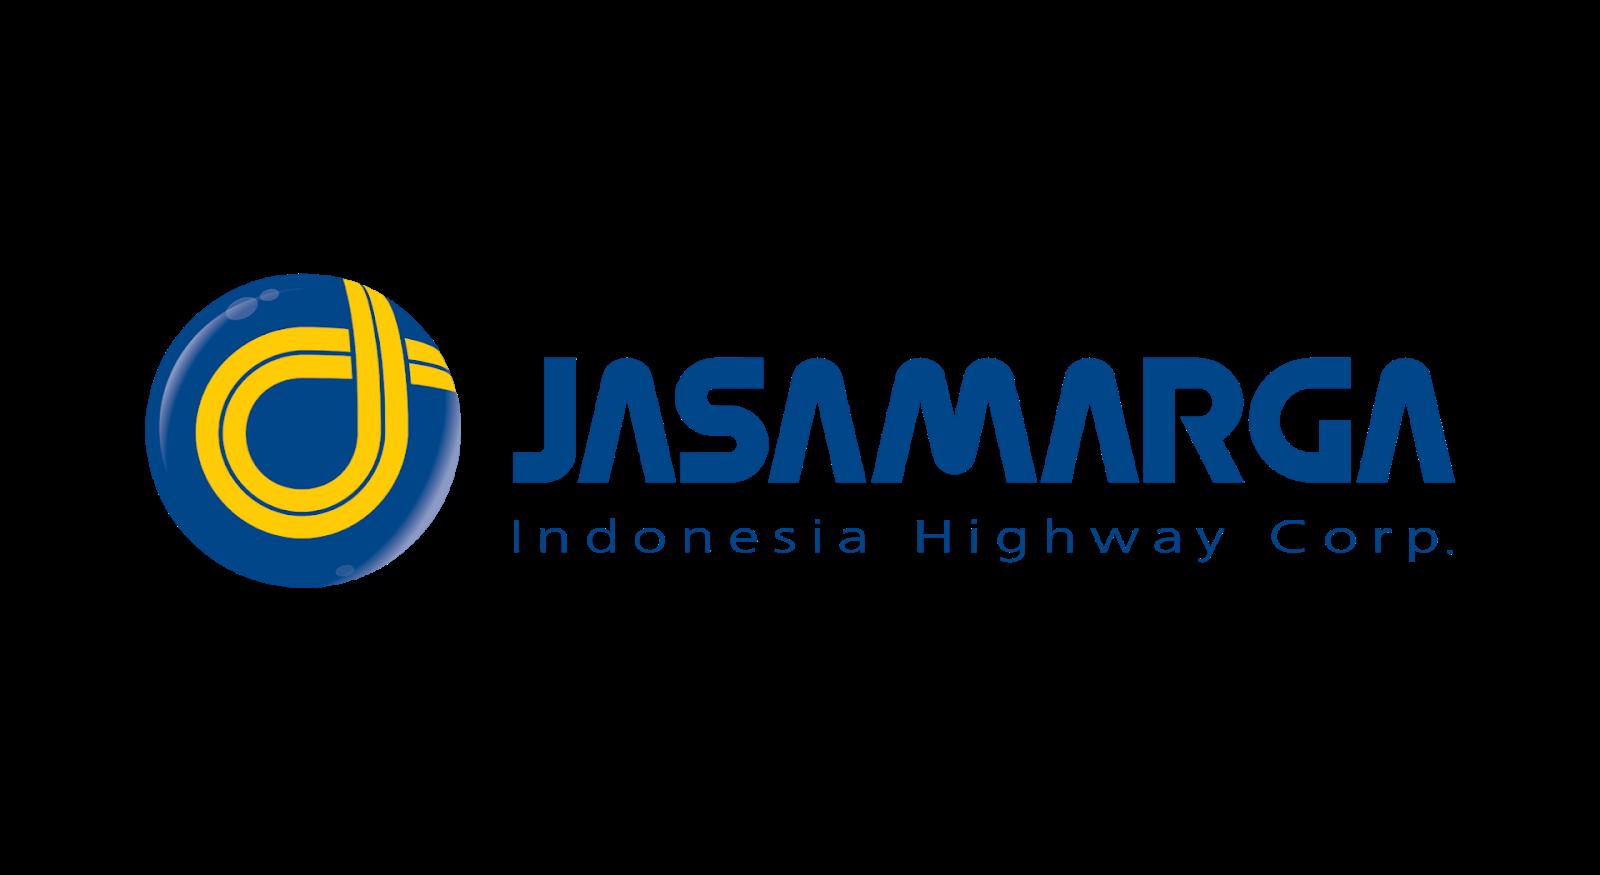 Logo Jasa Marga Format PNG